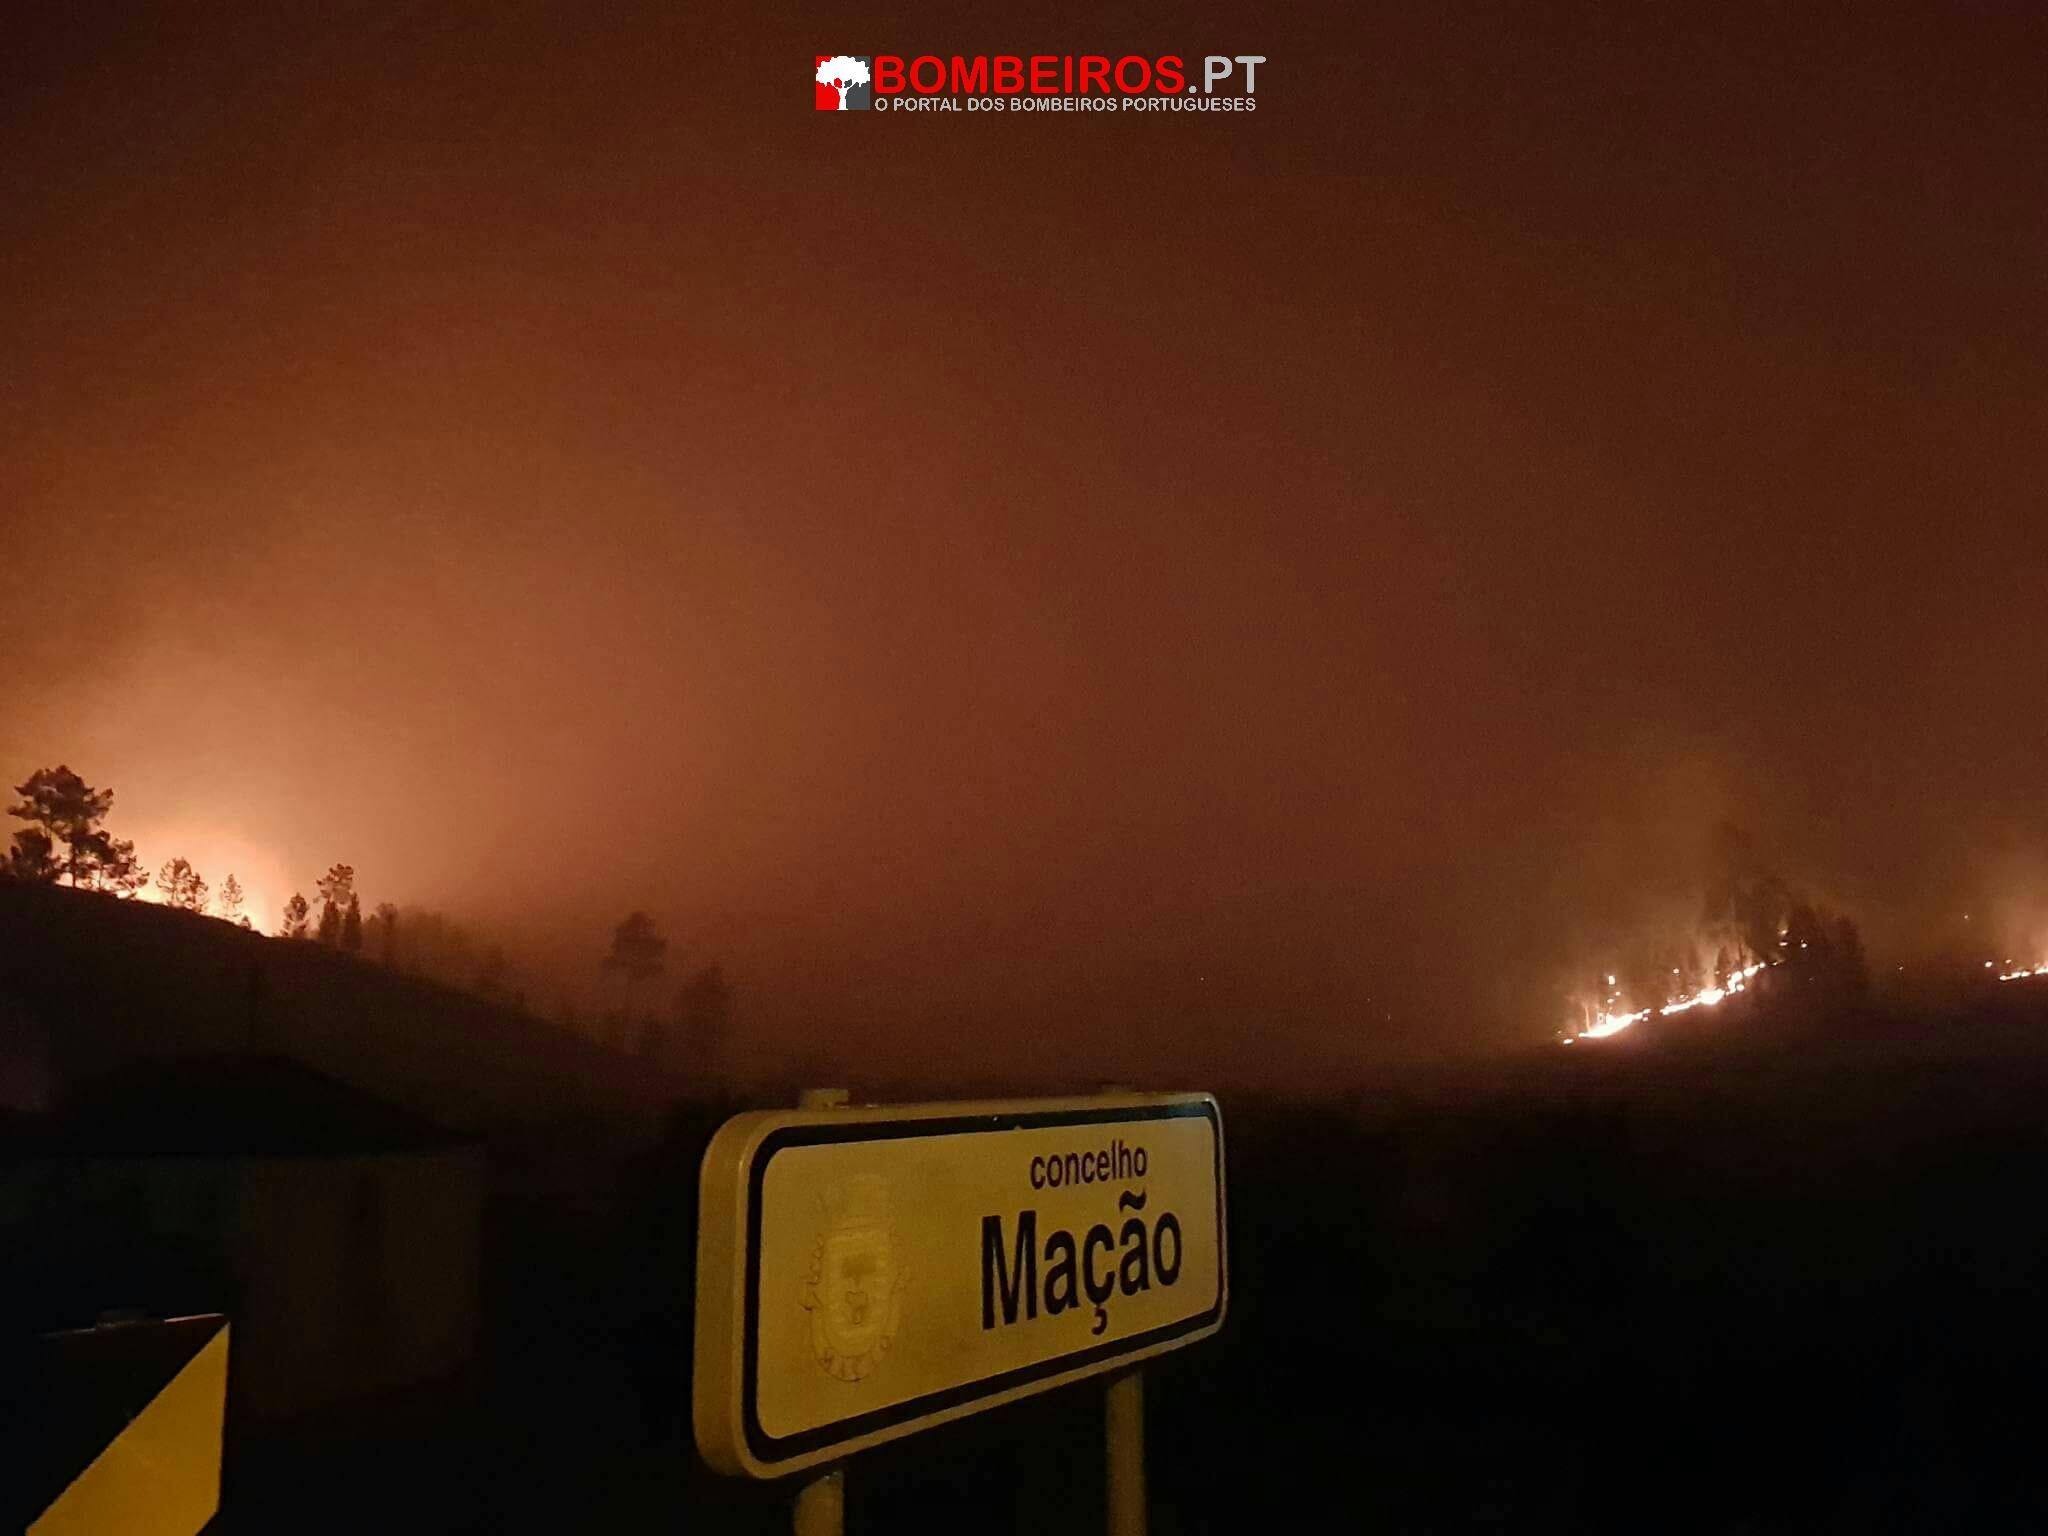 Resultado de imagem para Incêndios por controlar em Mação, Sertã, Proença-a-Nova e Vila Velha de Ródão